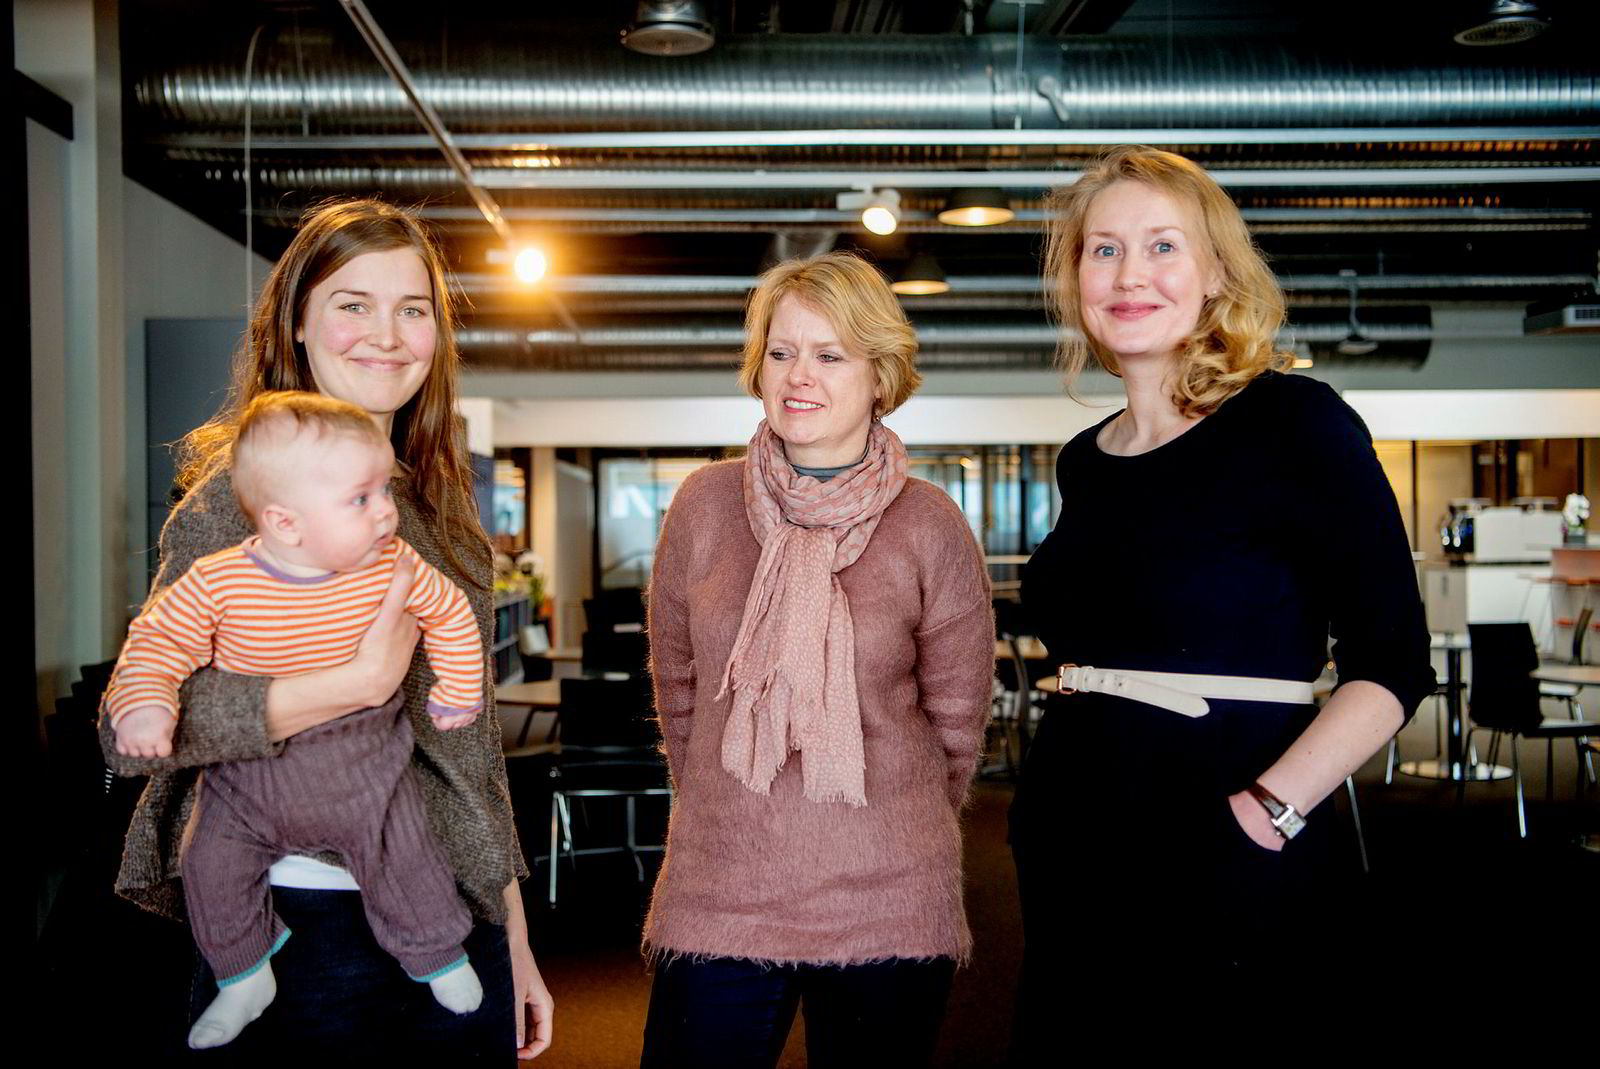 Forskerne Sigrid Møyner Hohle (med sønnen Edvard) og Marie Rognes (til høyre) får babybonus på 25.000 kroner hver. Sjefen deres i Simula, Marianne Aasen, vil lede en familievennlig bedrift og tiltrekke seg flere kvinner.